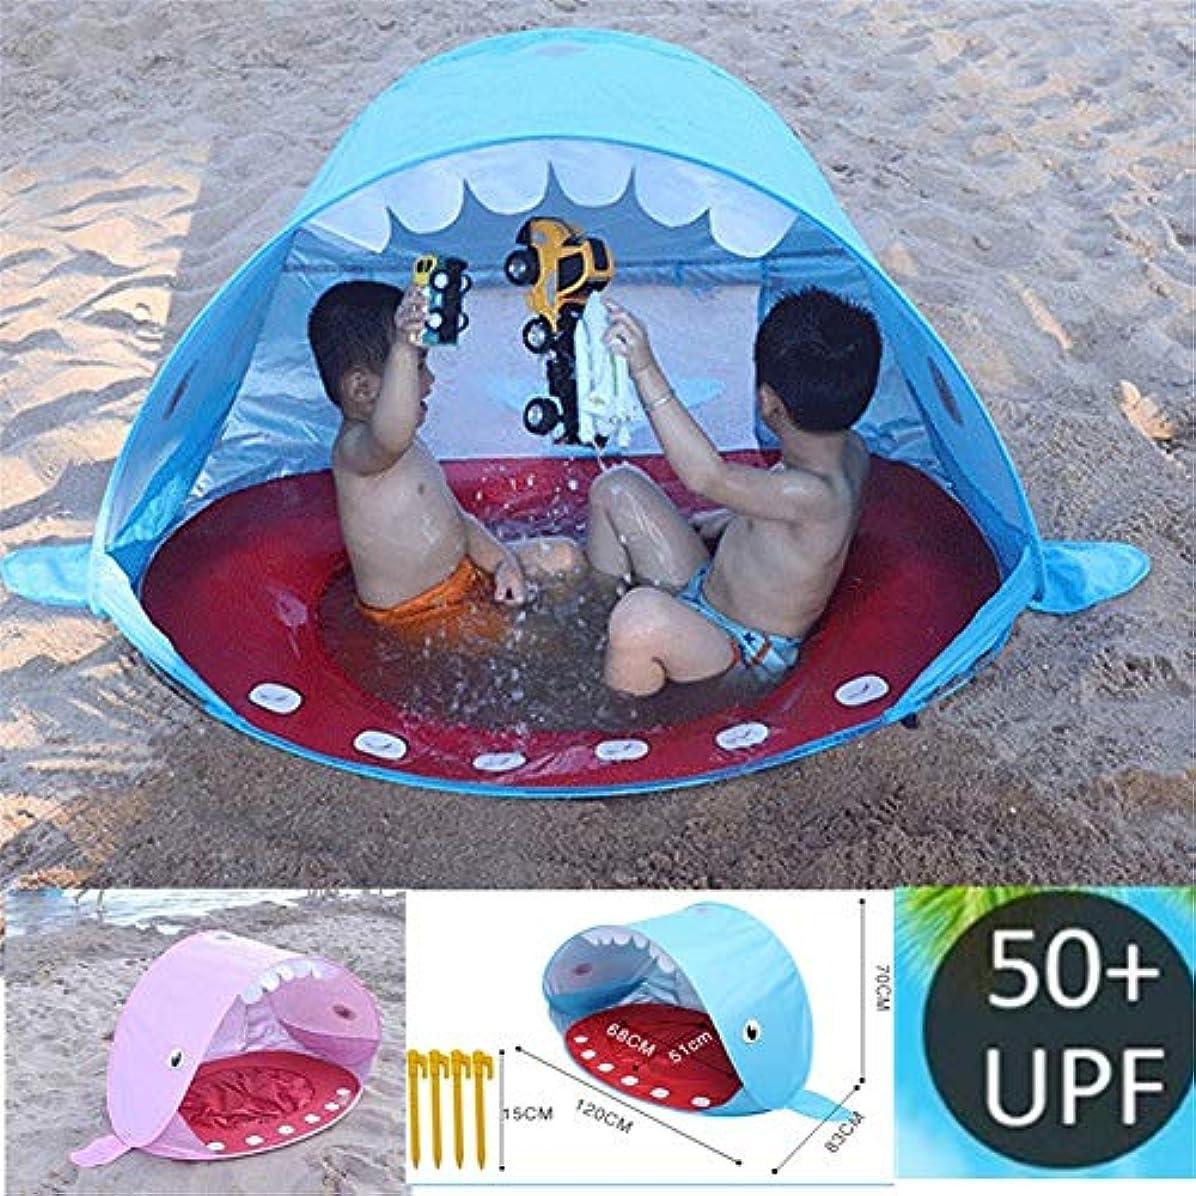 リットル呪われた灰子供ビーチテント ベビービーチテント紫外線保護サンシェルター付きプール防水ポップアップオーニングテント子供のテントキッズハウス